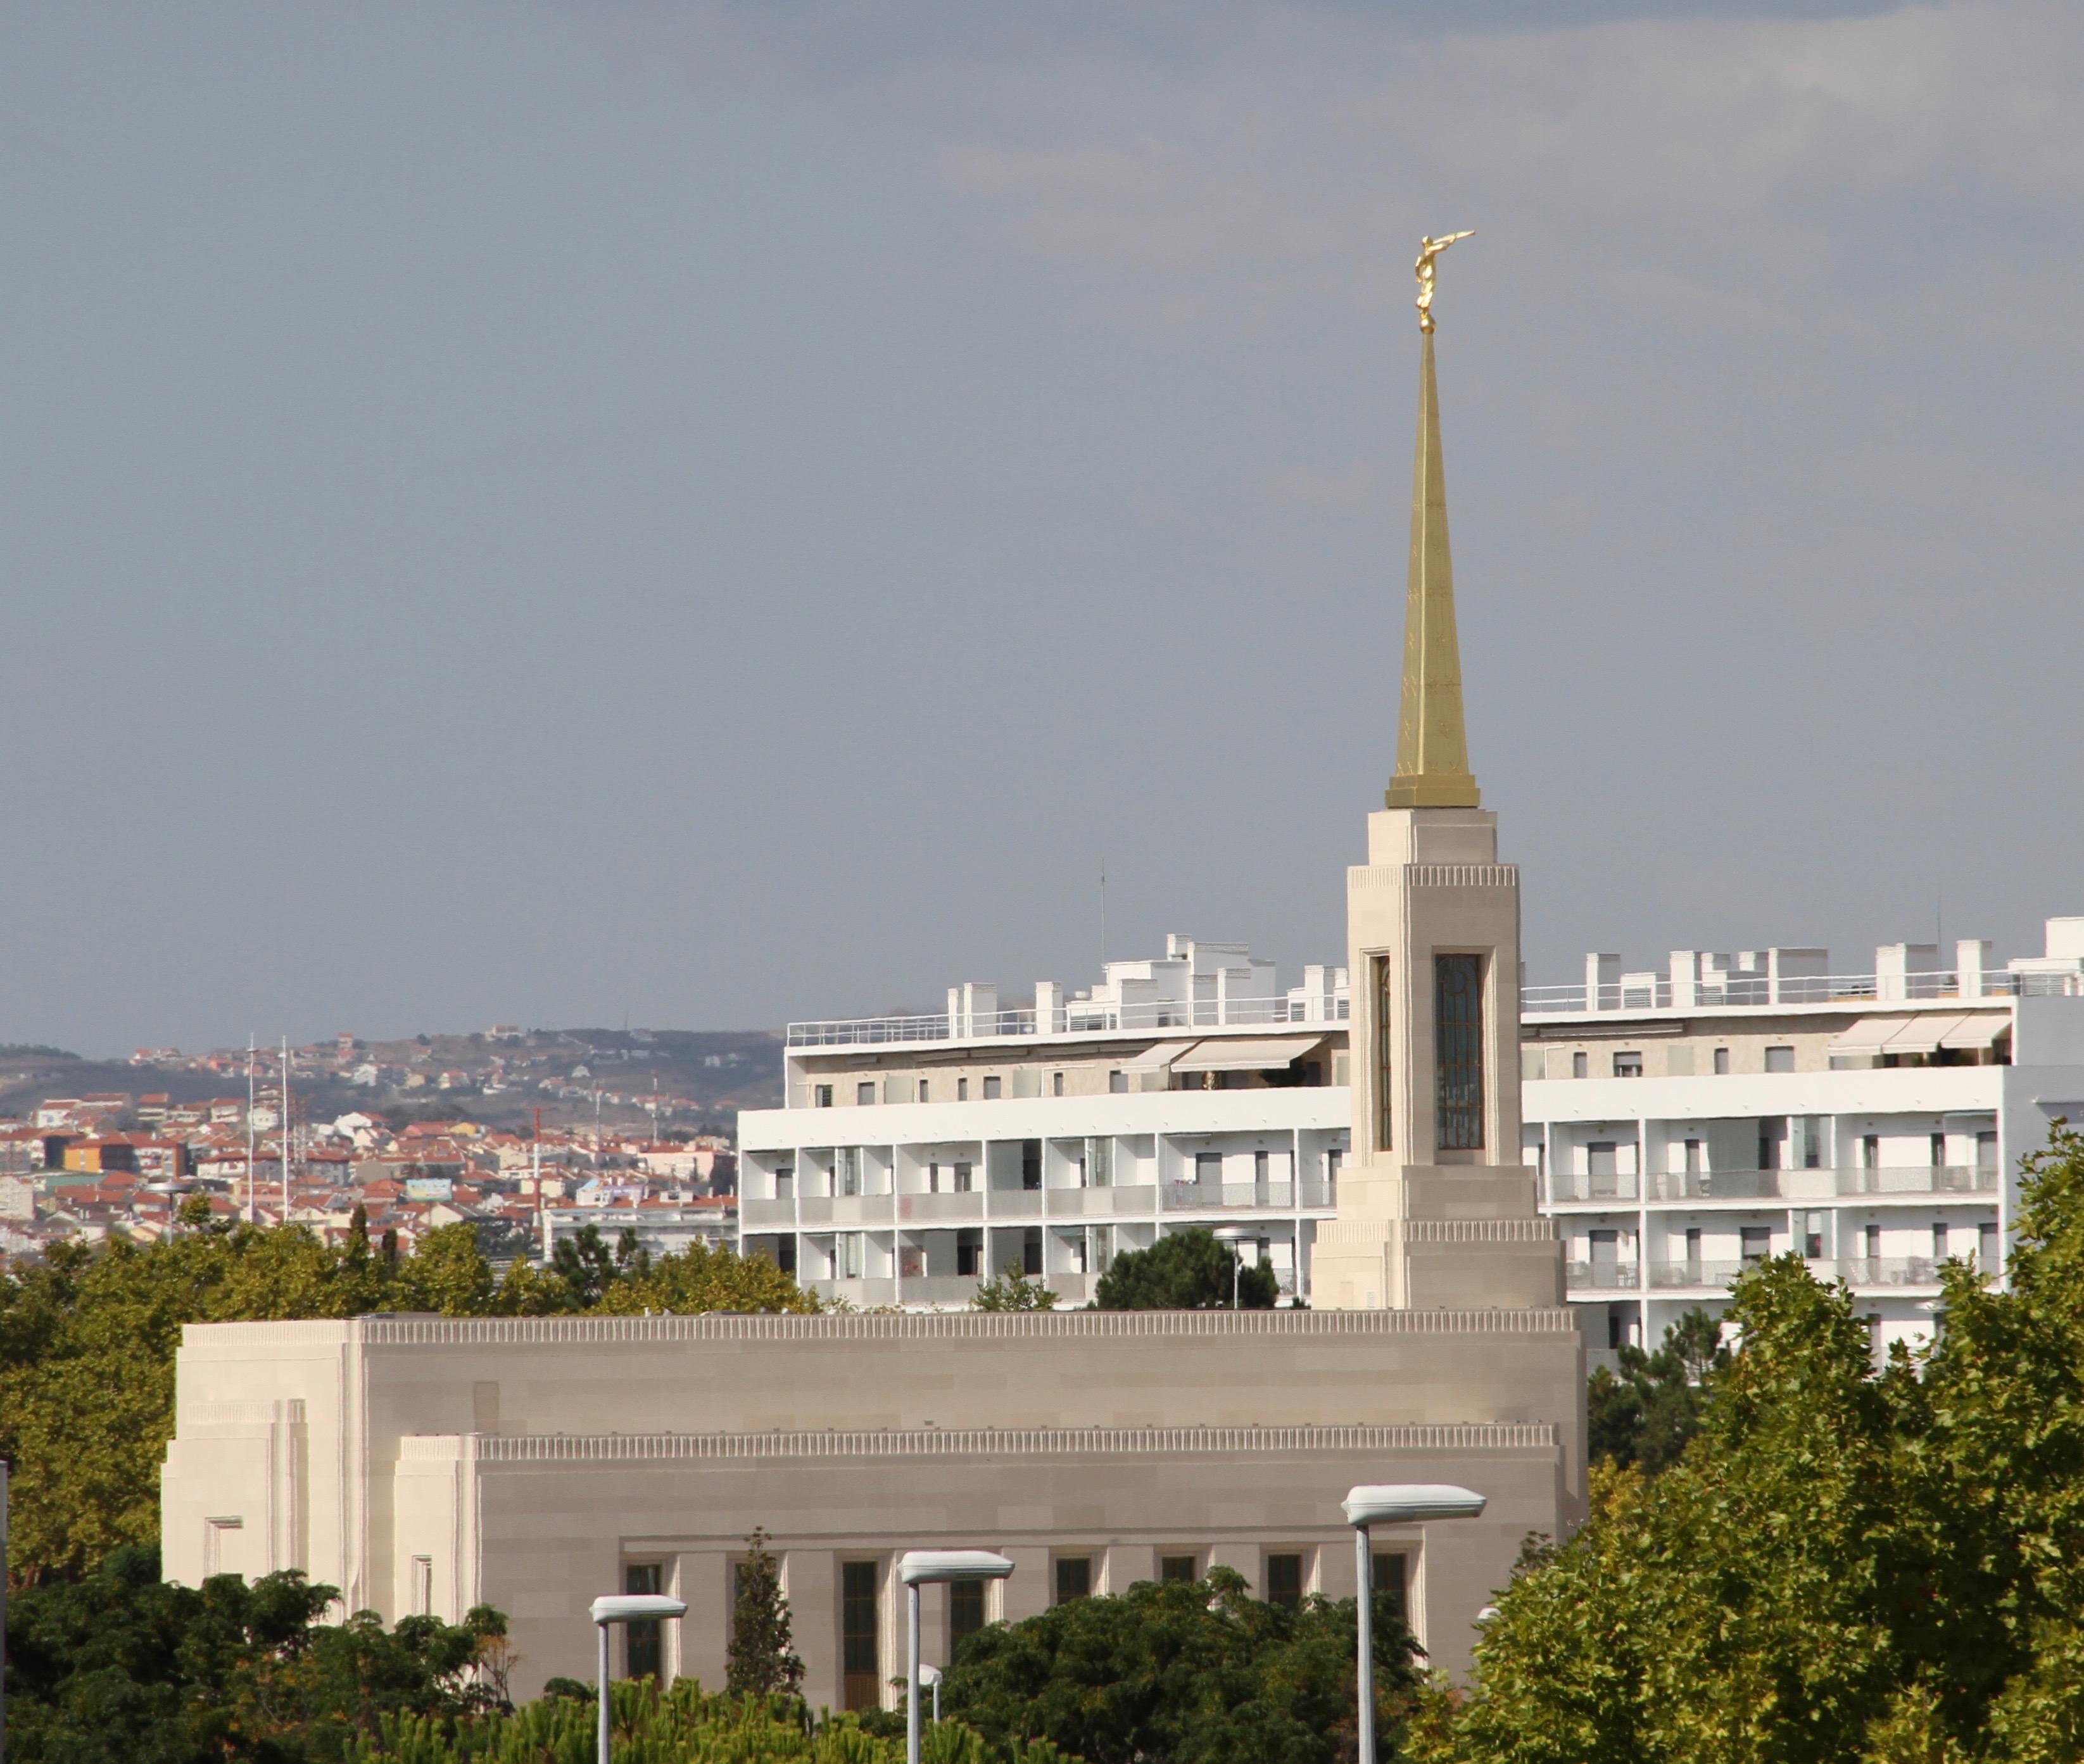 O Templo de Lisboa Portugal no sábado, 14 de setembro de 2019.